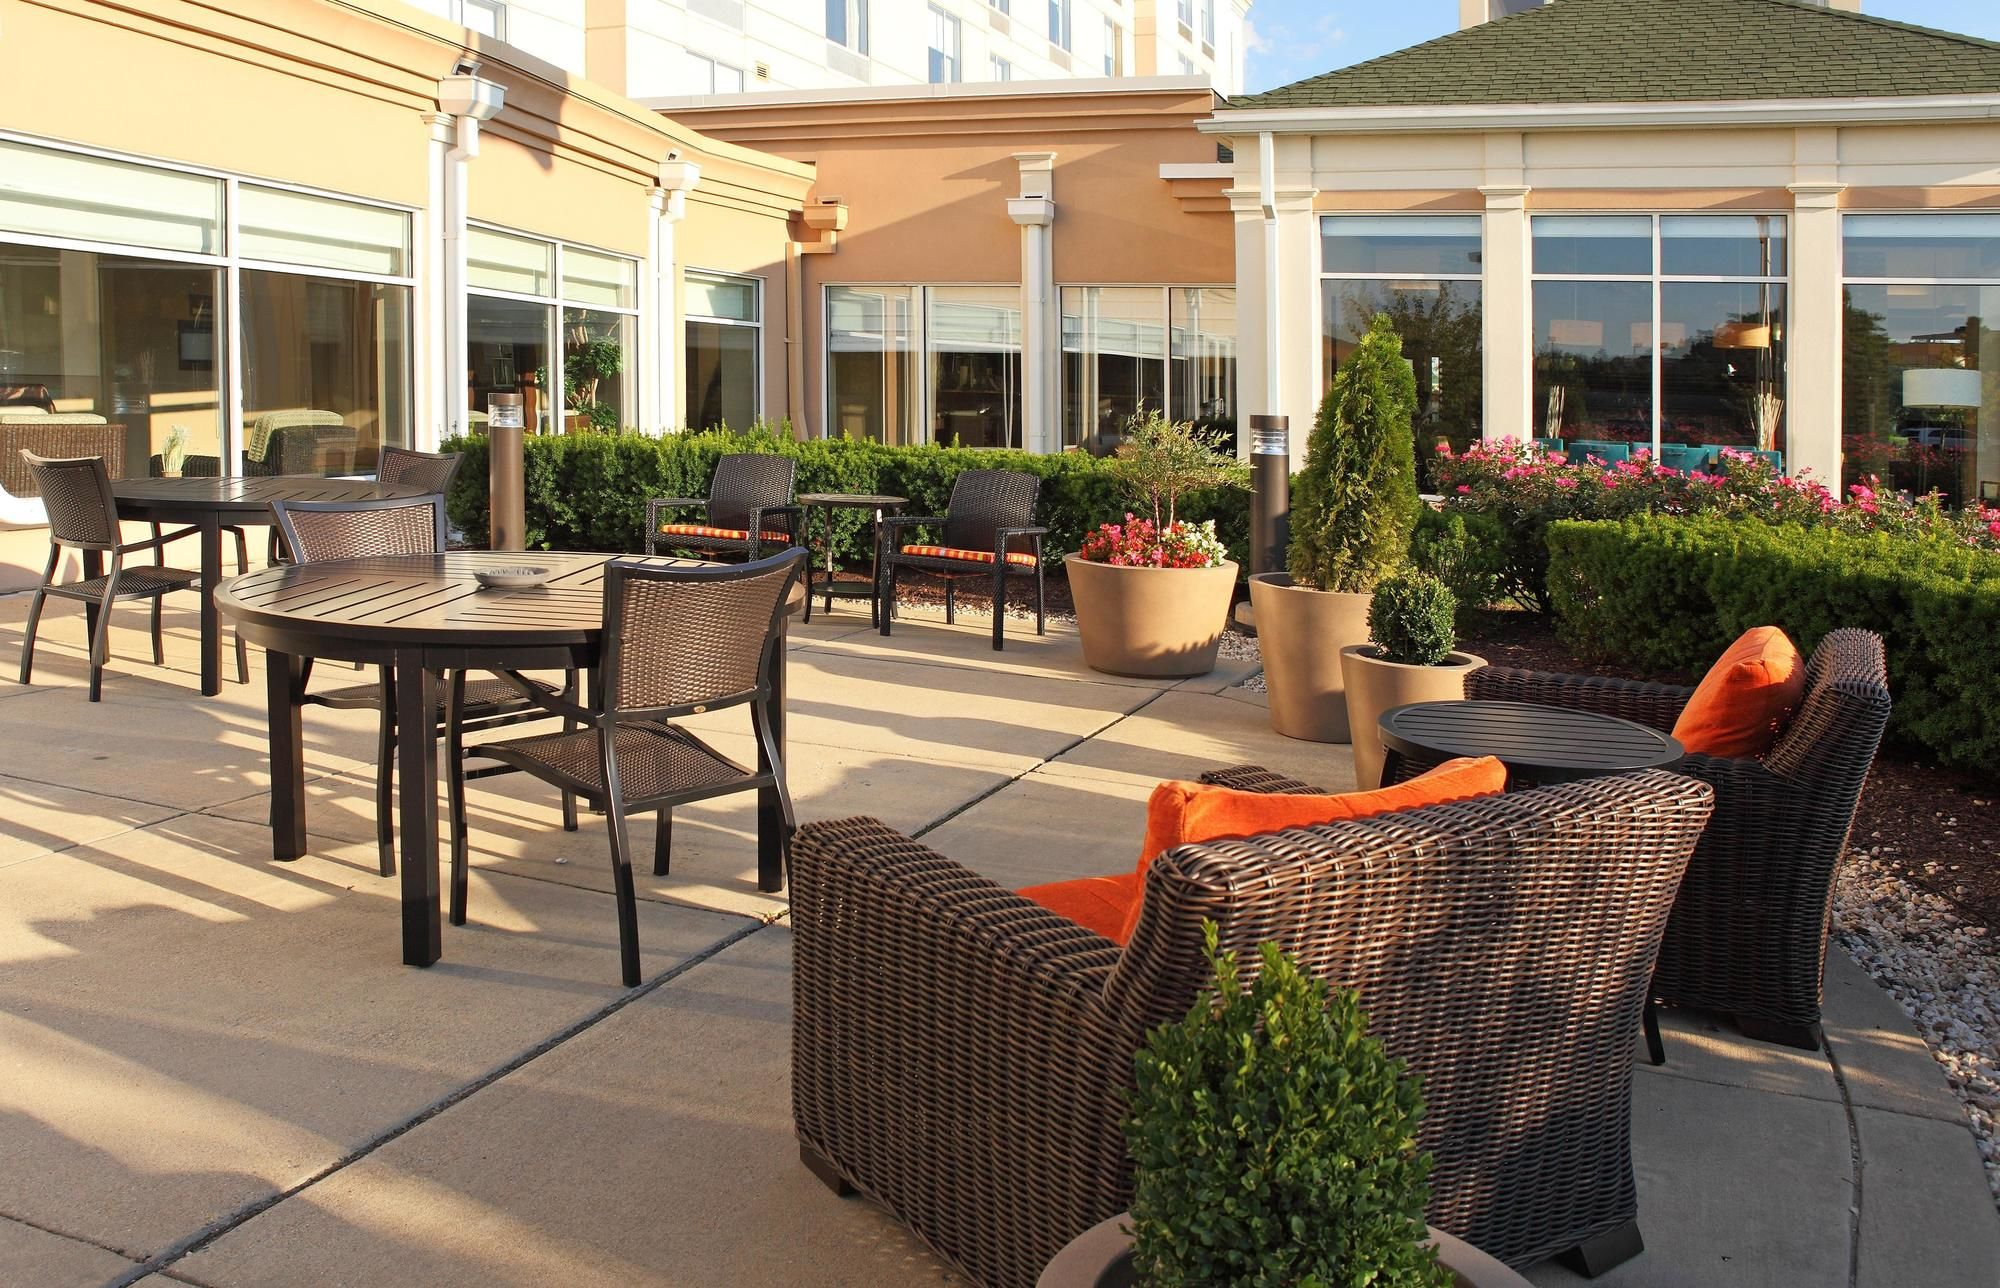 Hilton Garden Inn Frederick Maryland - [aragundem.com]